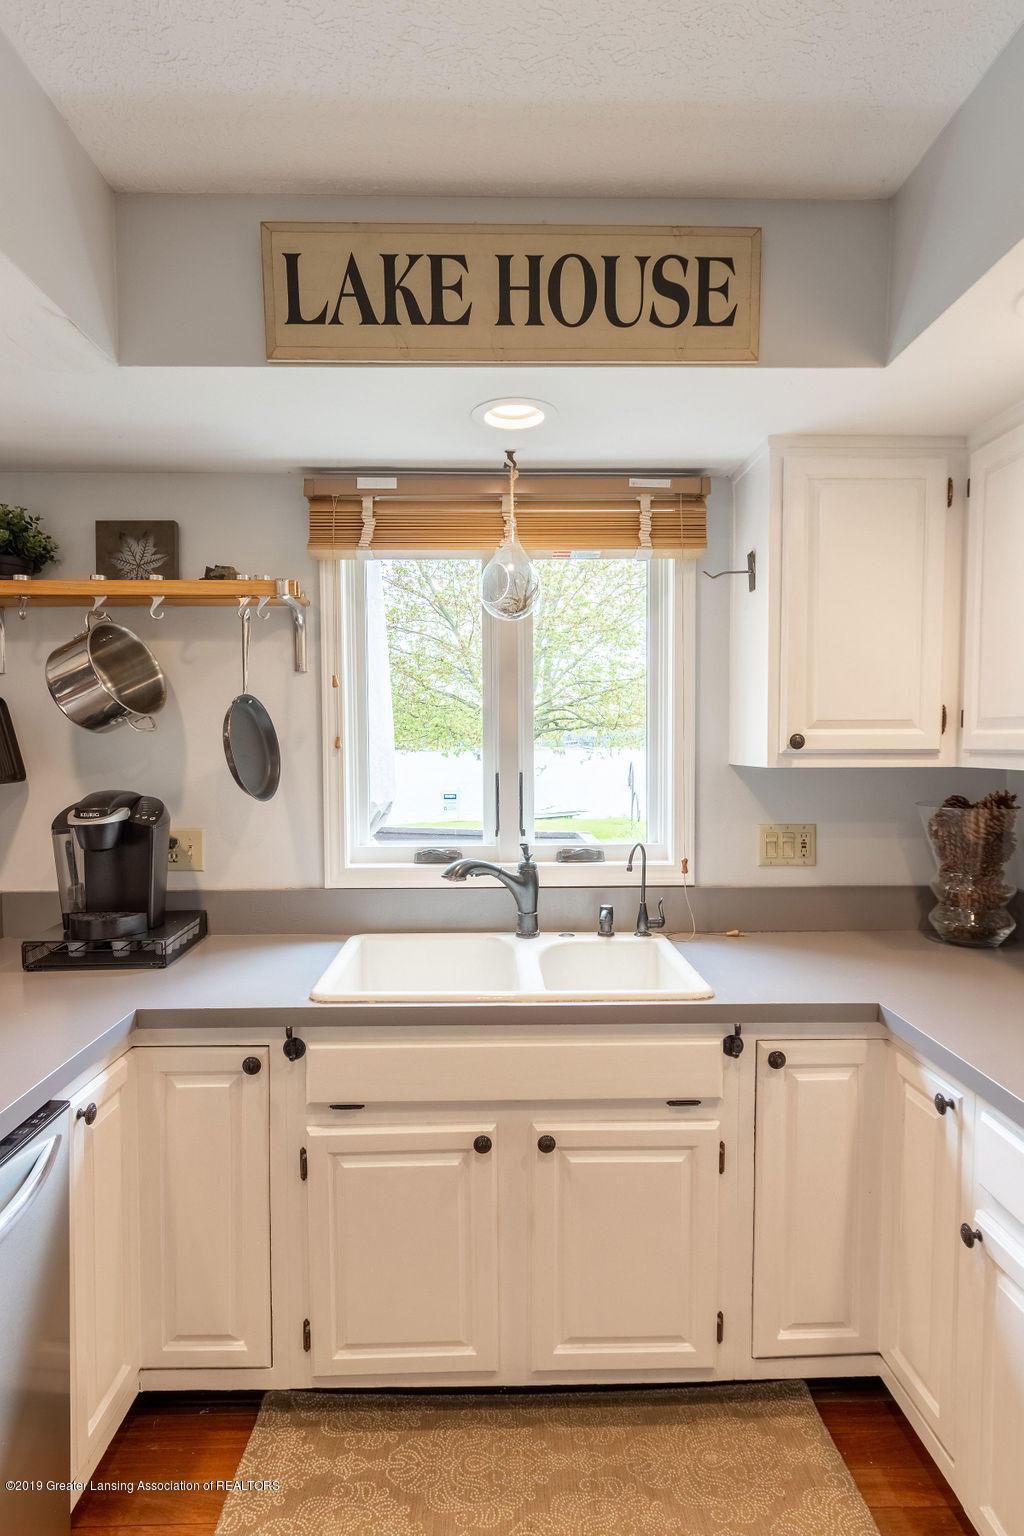 9343 W Scenic Lake Dr - Final-33 - 30